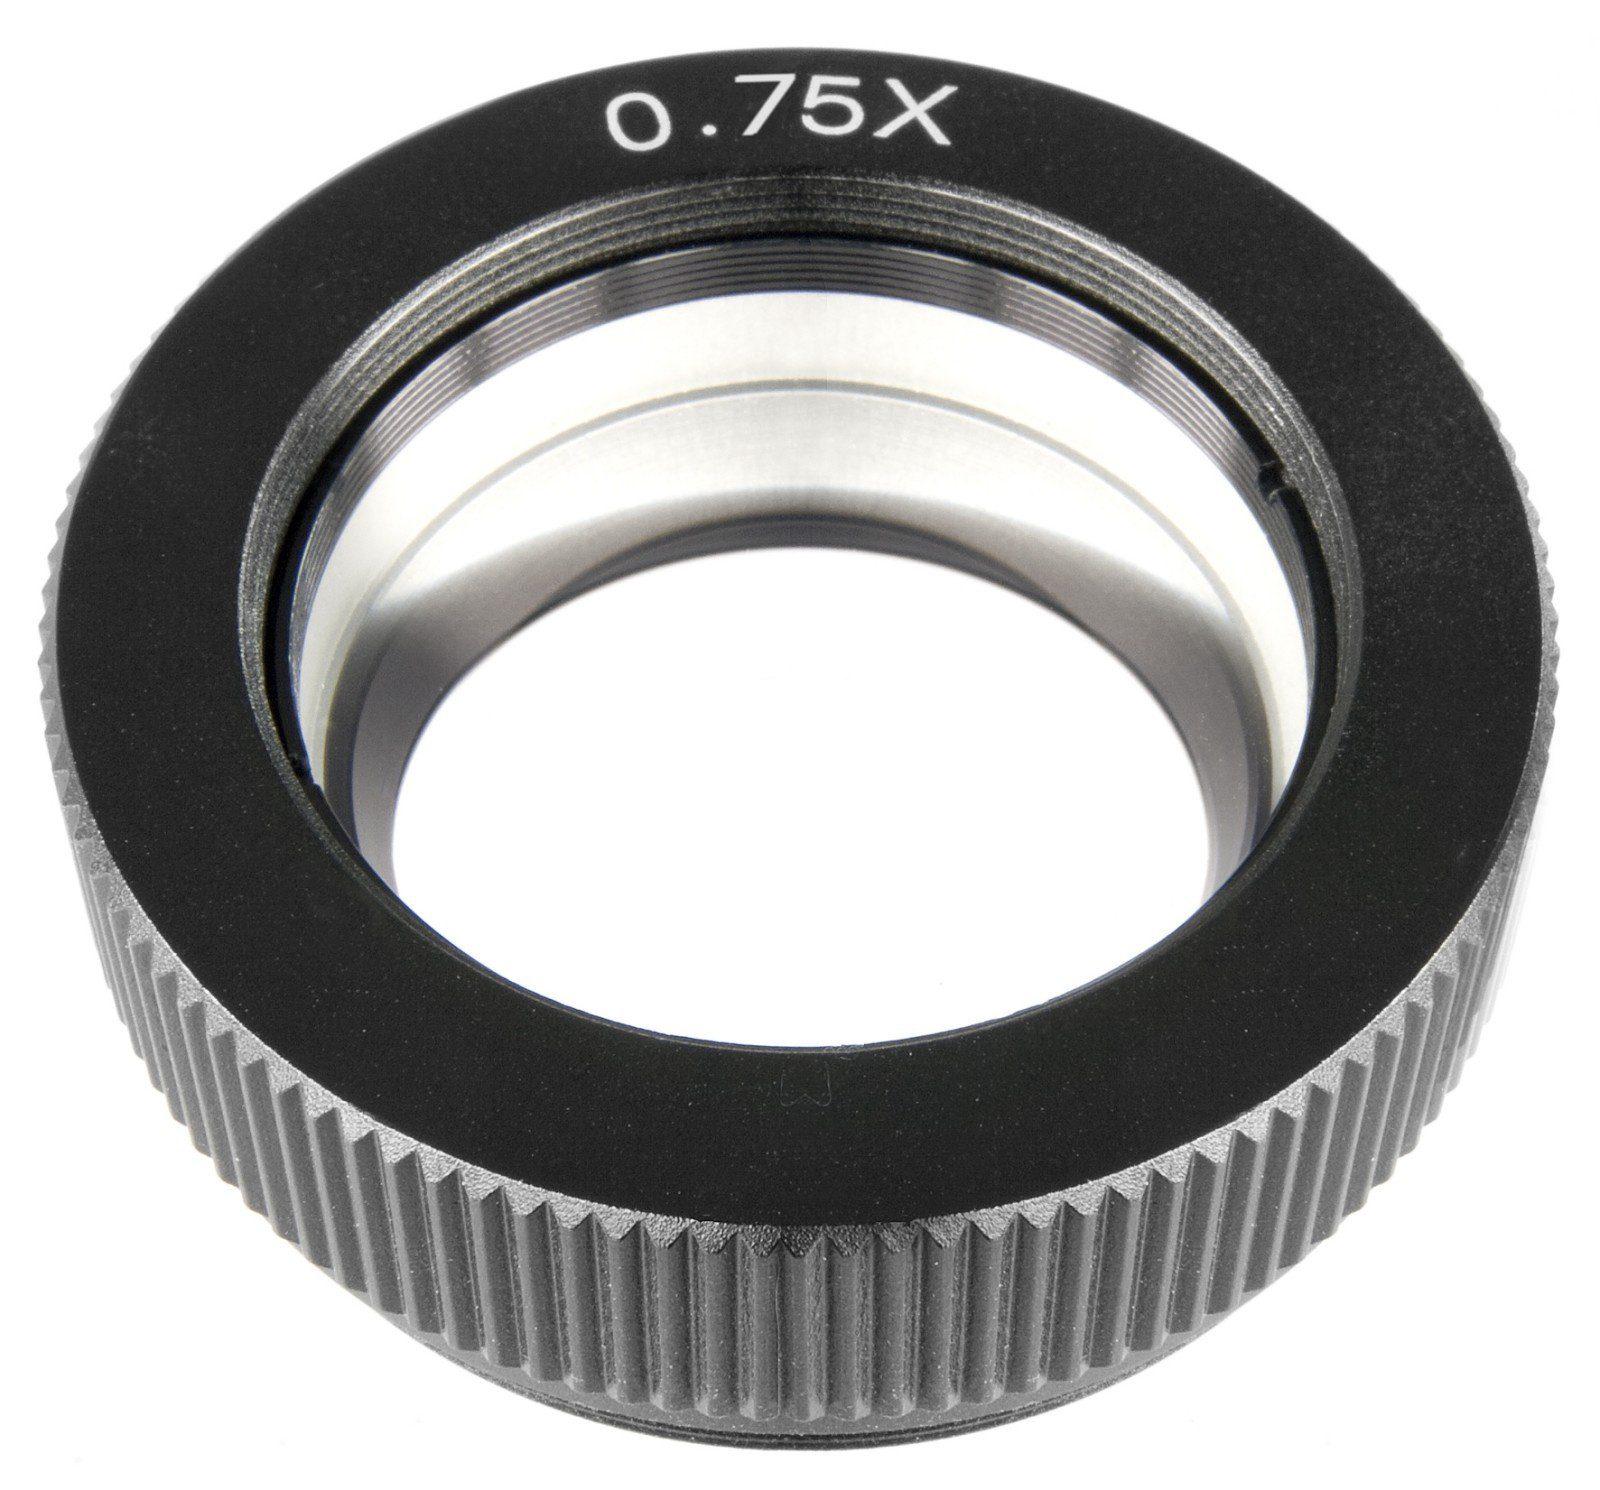 BRESSER Mikroskop »BRESSER Zusatzbjektiv 0.75x«